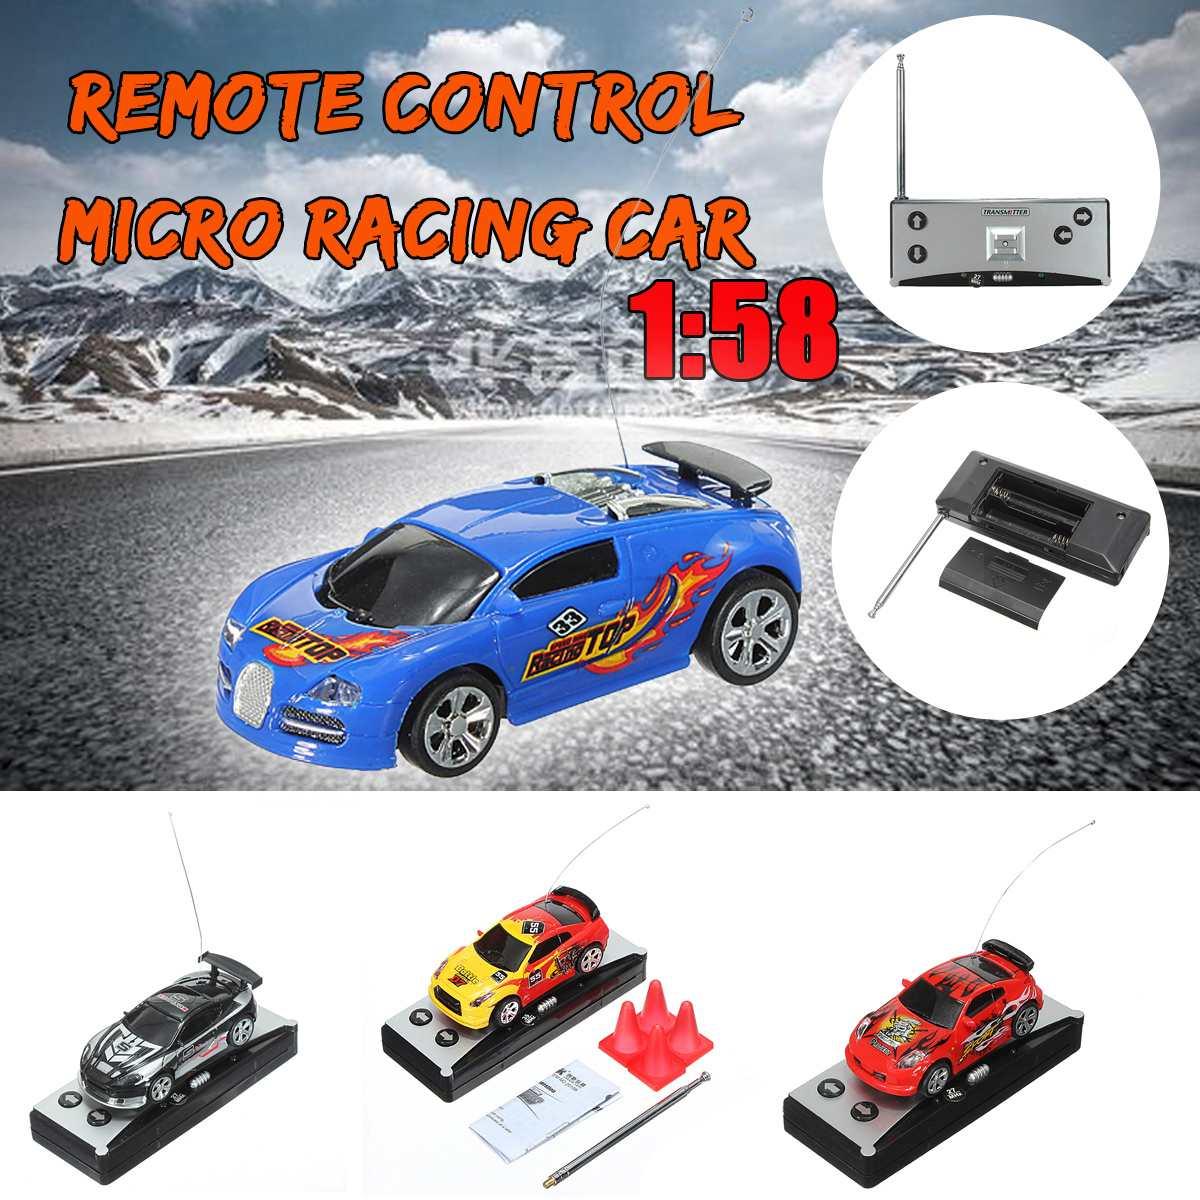 i Mini Coca-Cola telecomandata Can Kids Toy Racing Car Telecar Veicolo Telecomando Giocattoli RC Auto 1:58